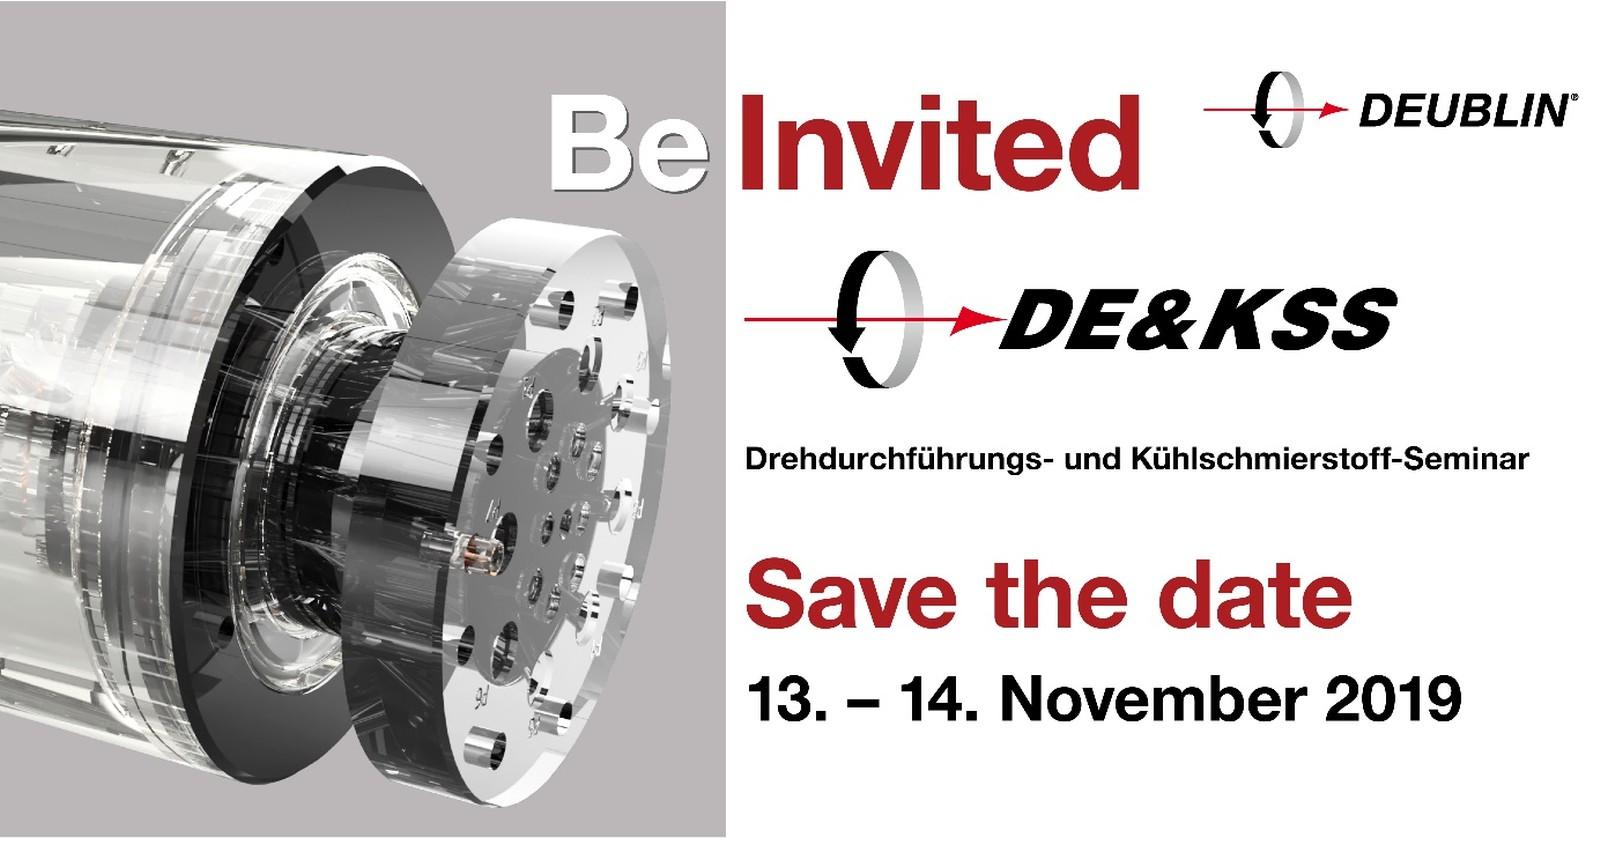 Am 13. und 14. November 2019 findet bei Deublin das 17. Drehdurchführungs- und Kühlschmierstoff-Seminar statt.